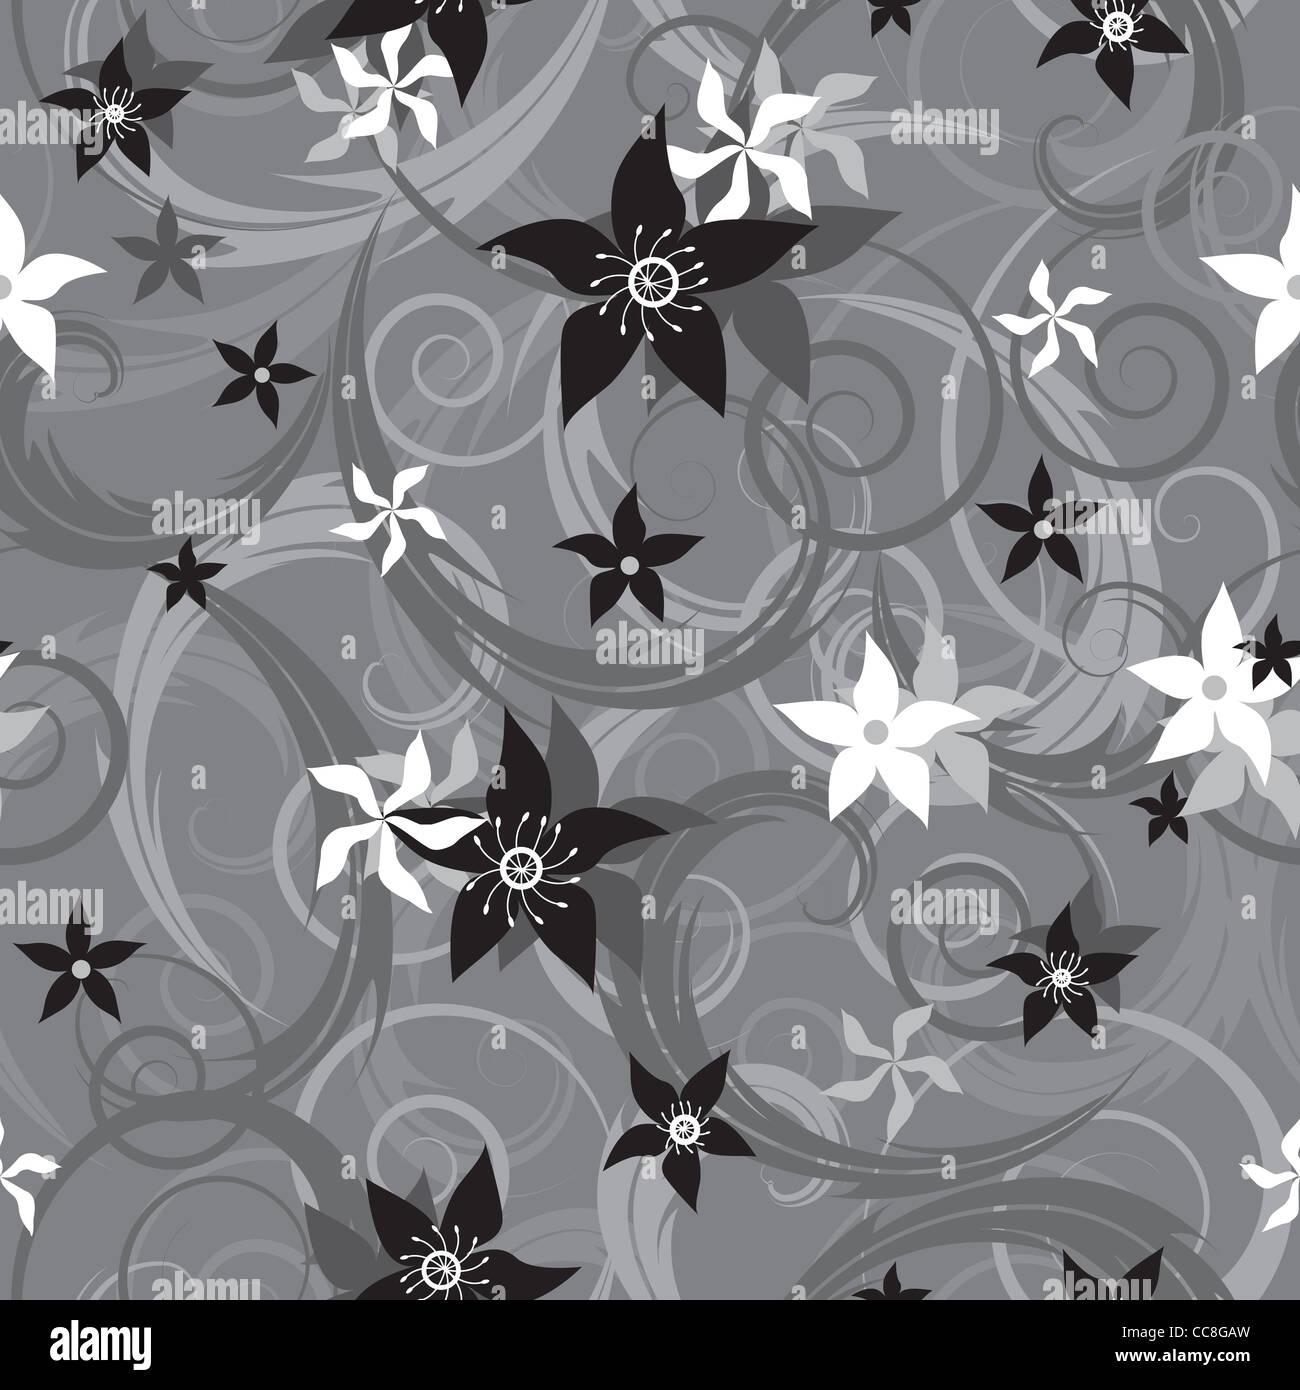 Graustufen nahtlose Muster mit Blumen Stockbild